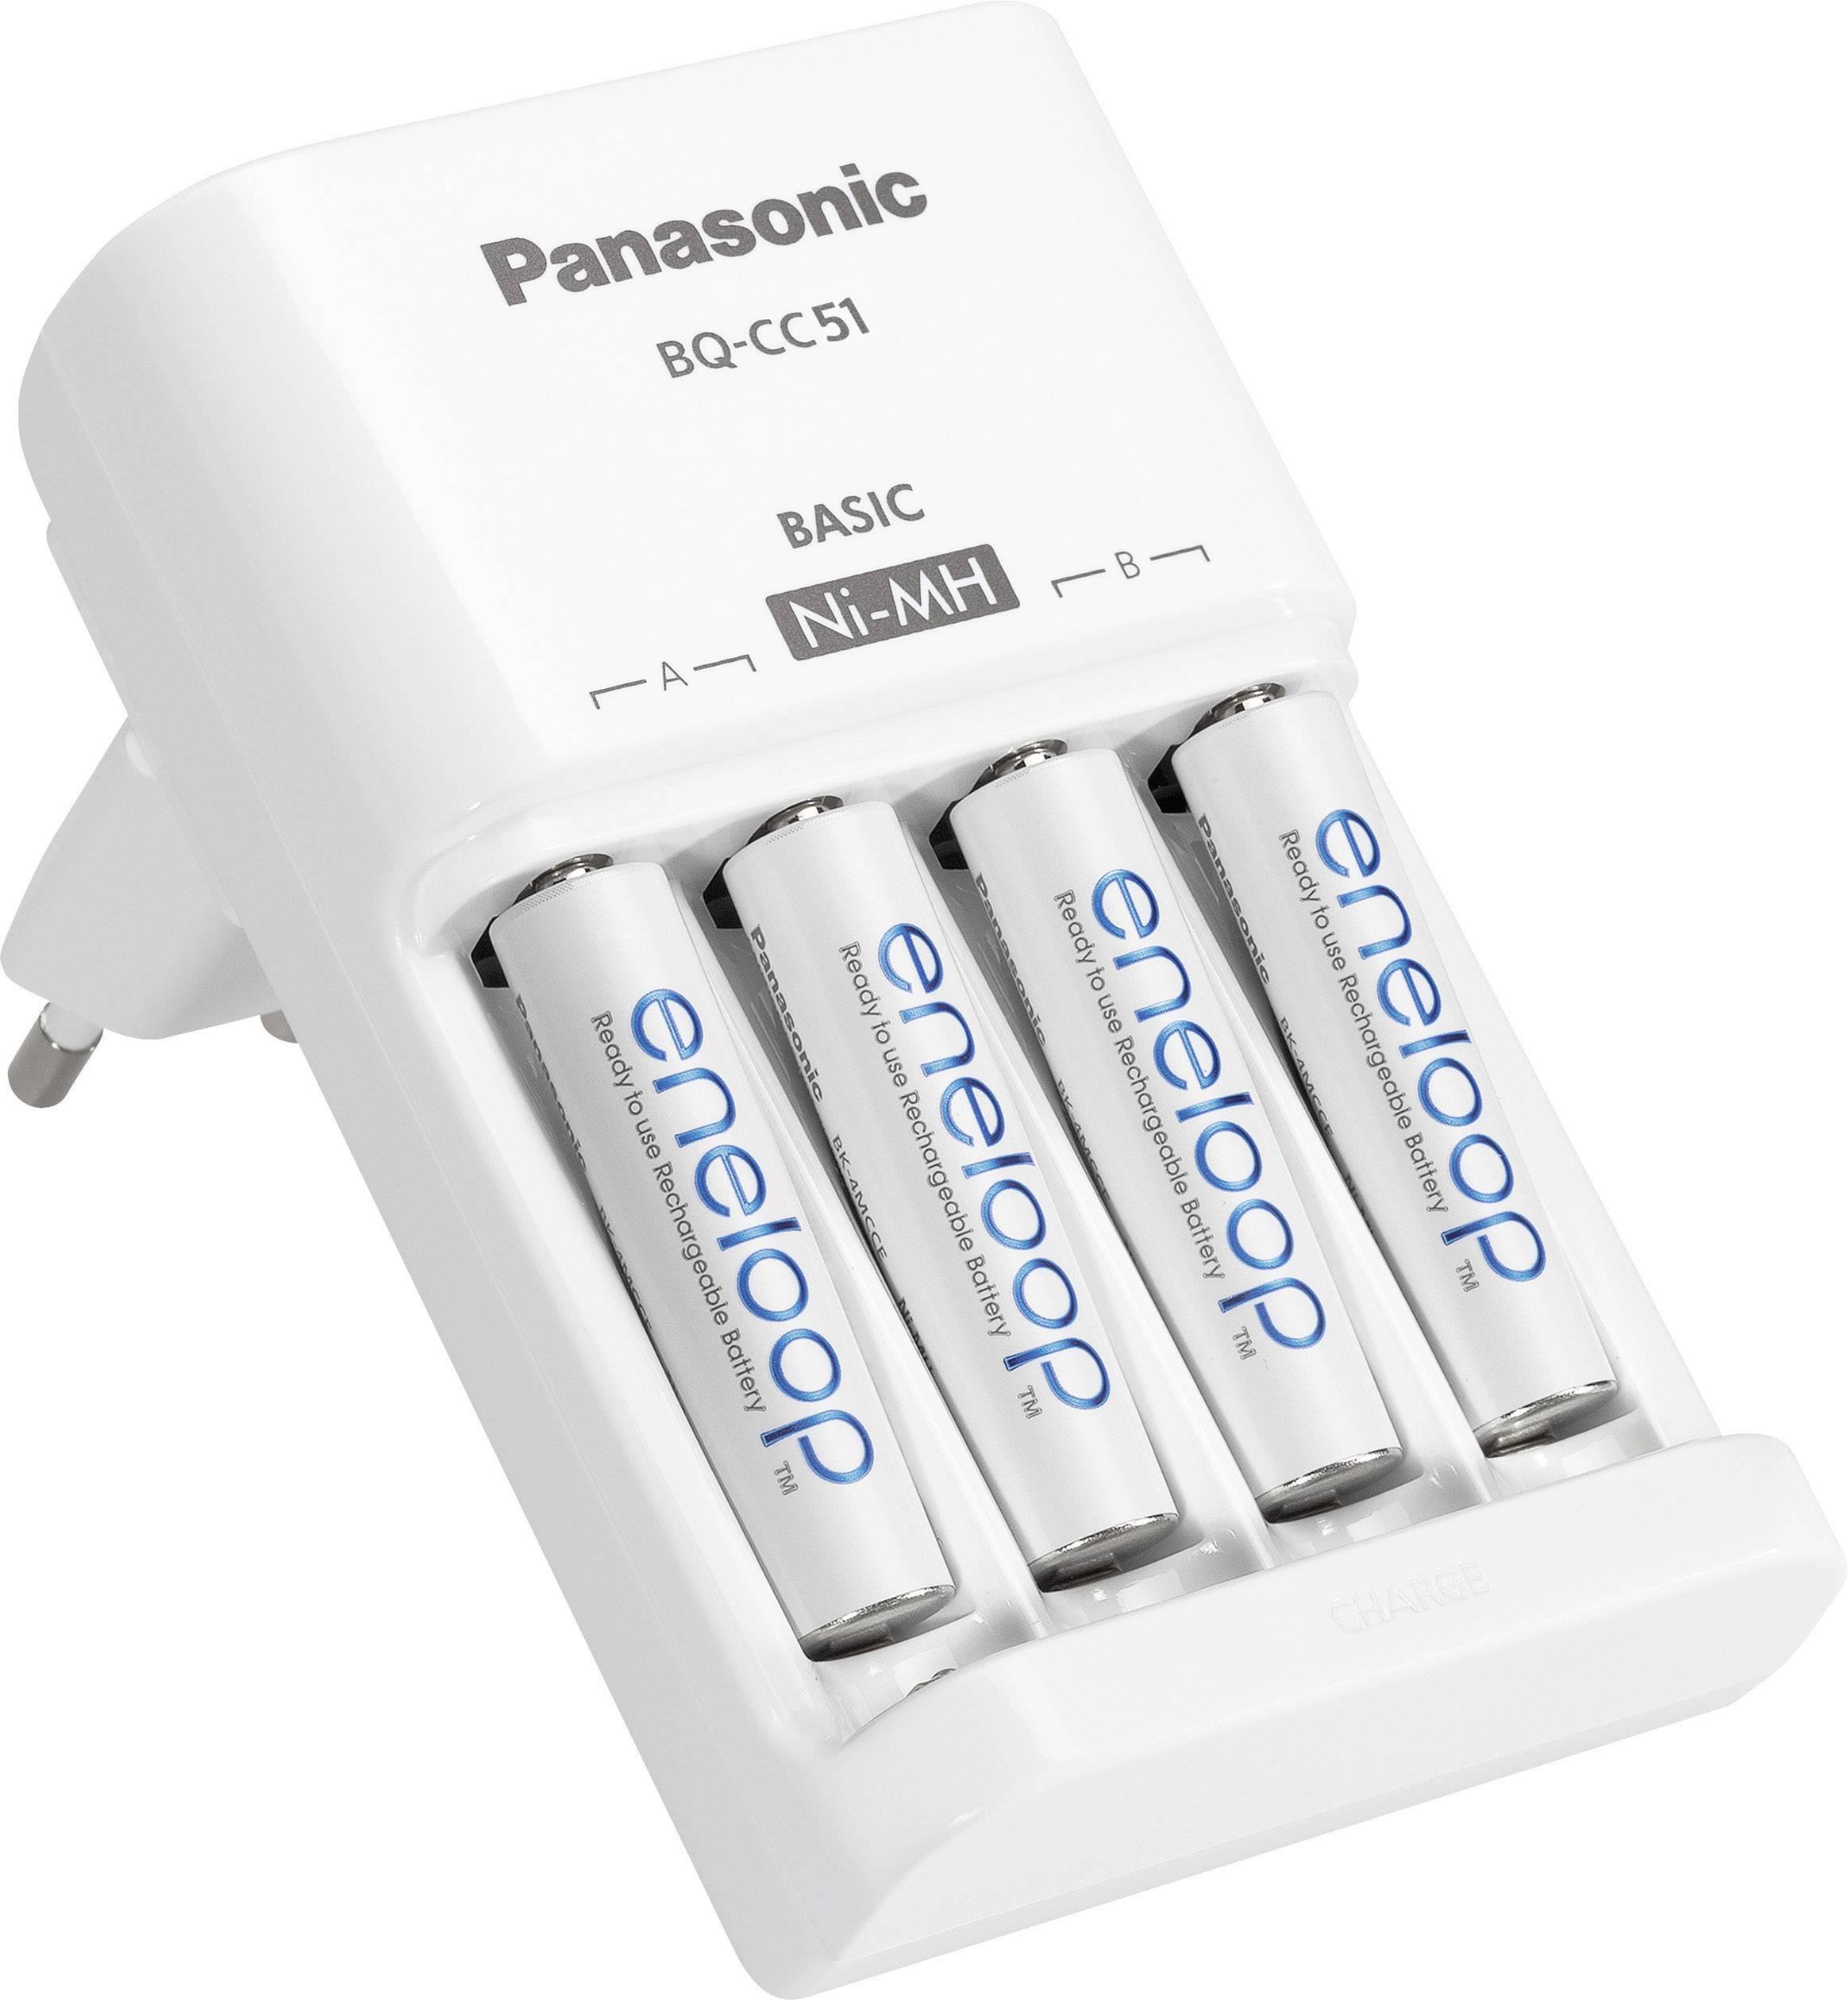 Akkus Micro Mignon AAA Panasonic BQ-CC55E Rundzellen-Ladegerät NiMH inkl AA